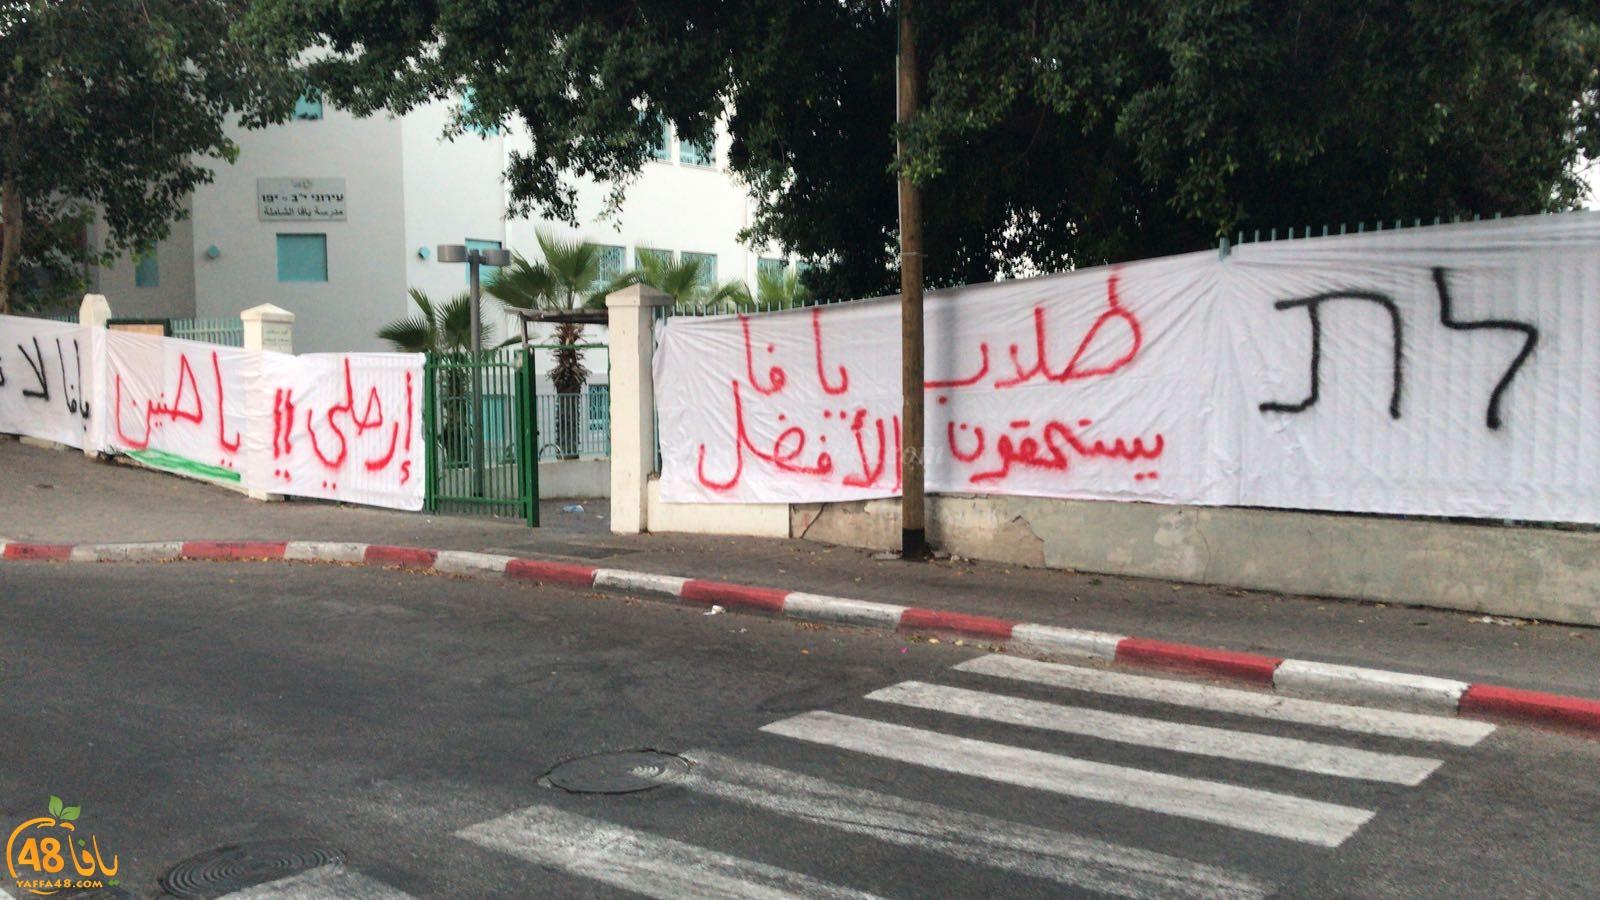 يافا:لجنة الآباء تصعّد من احتجاجاتها أمام مدخل المدرسة الثانوية الشاملة